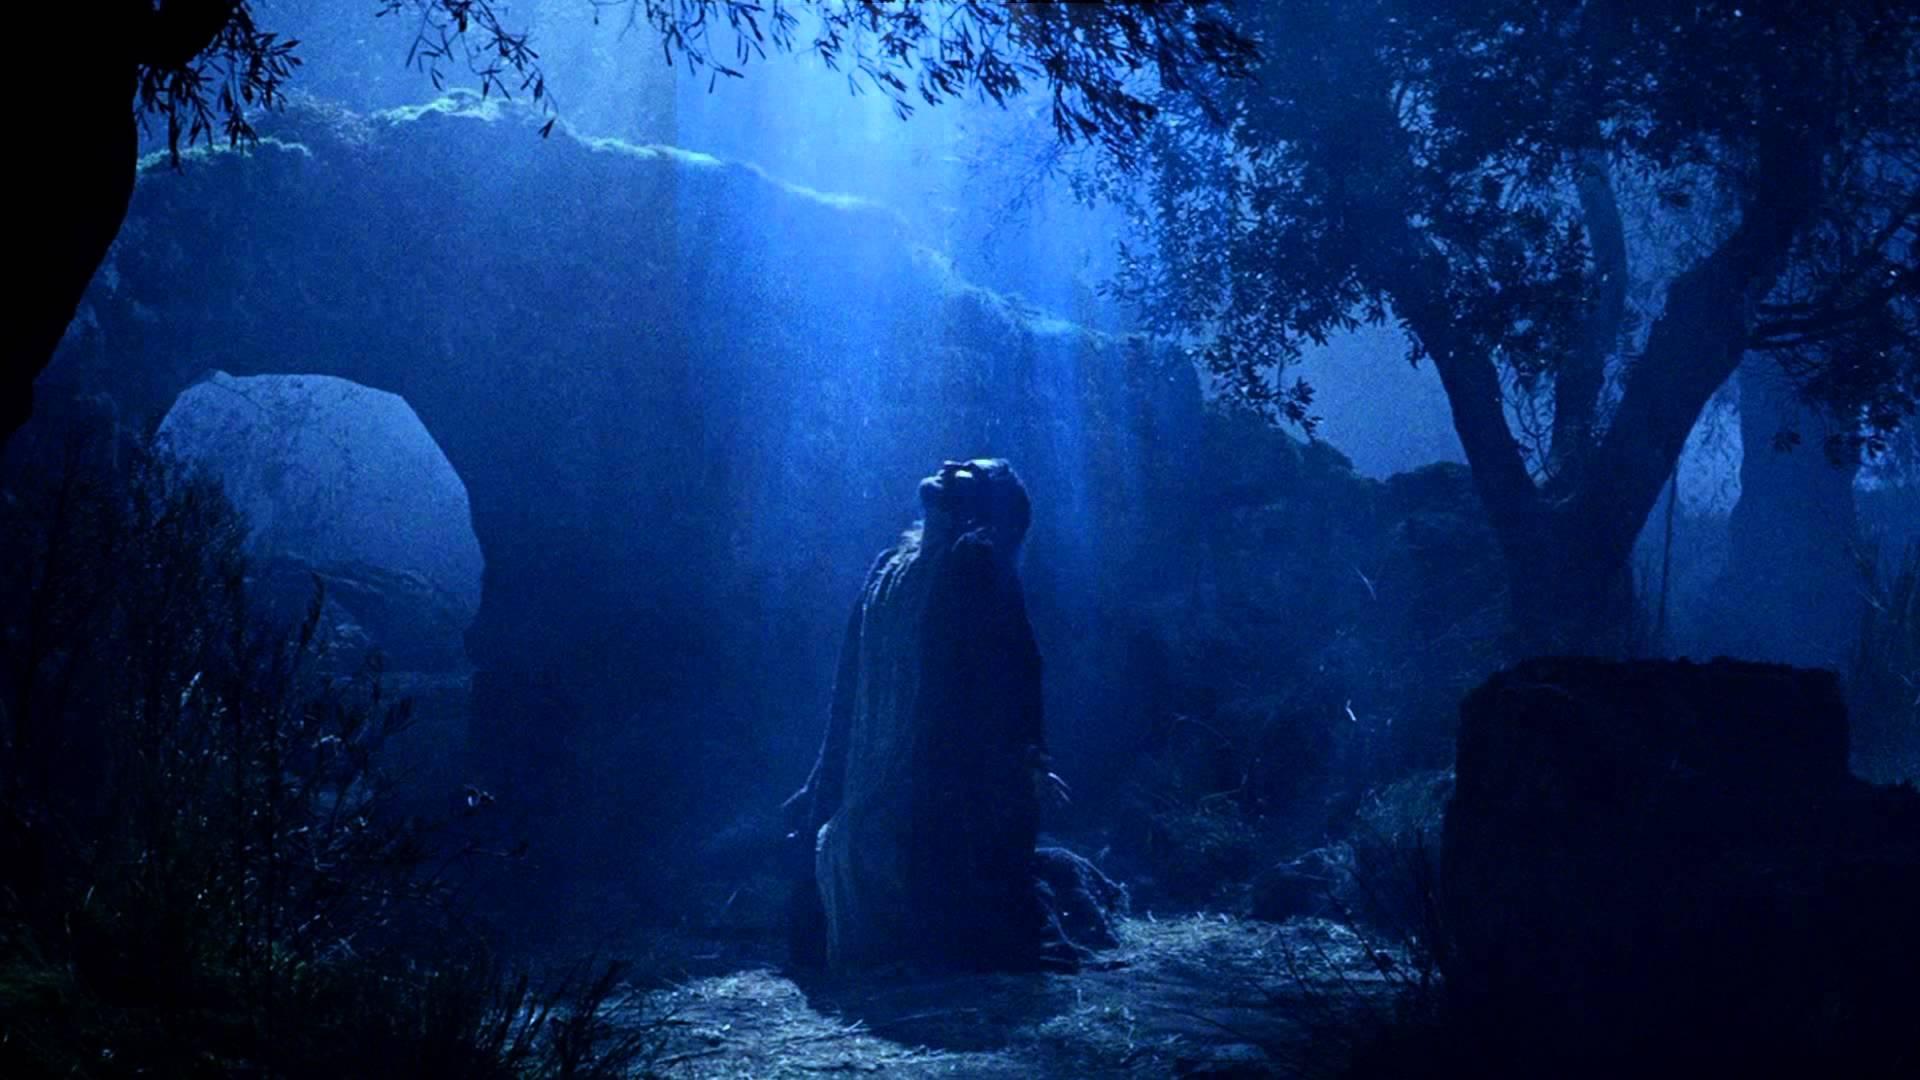 jesus-in-gethsemane.jpg